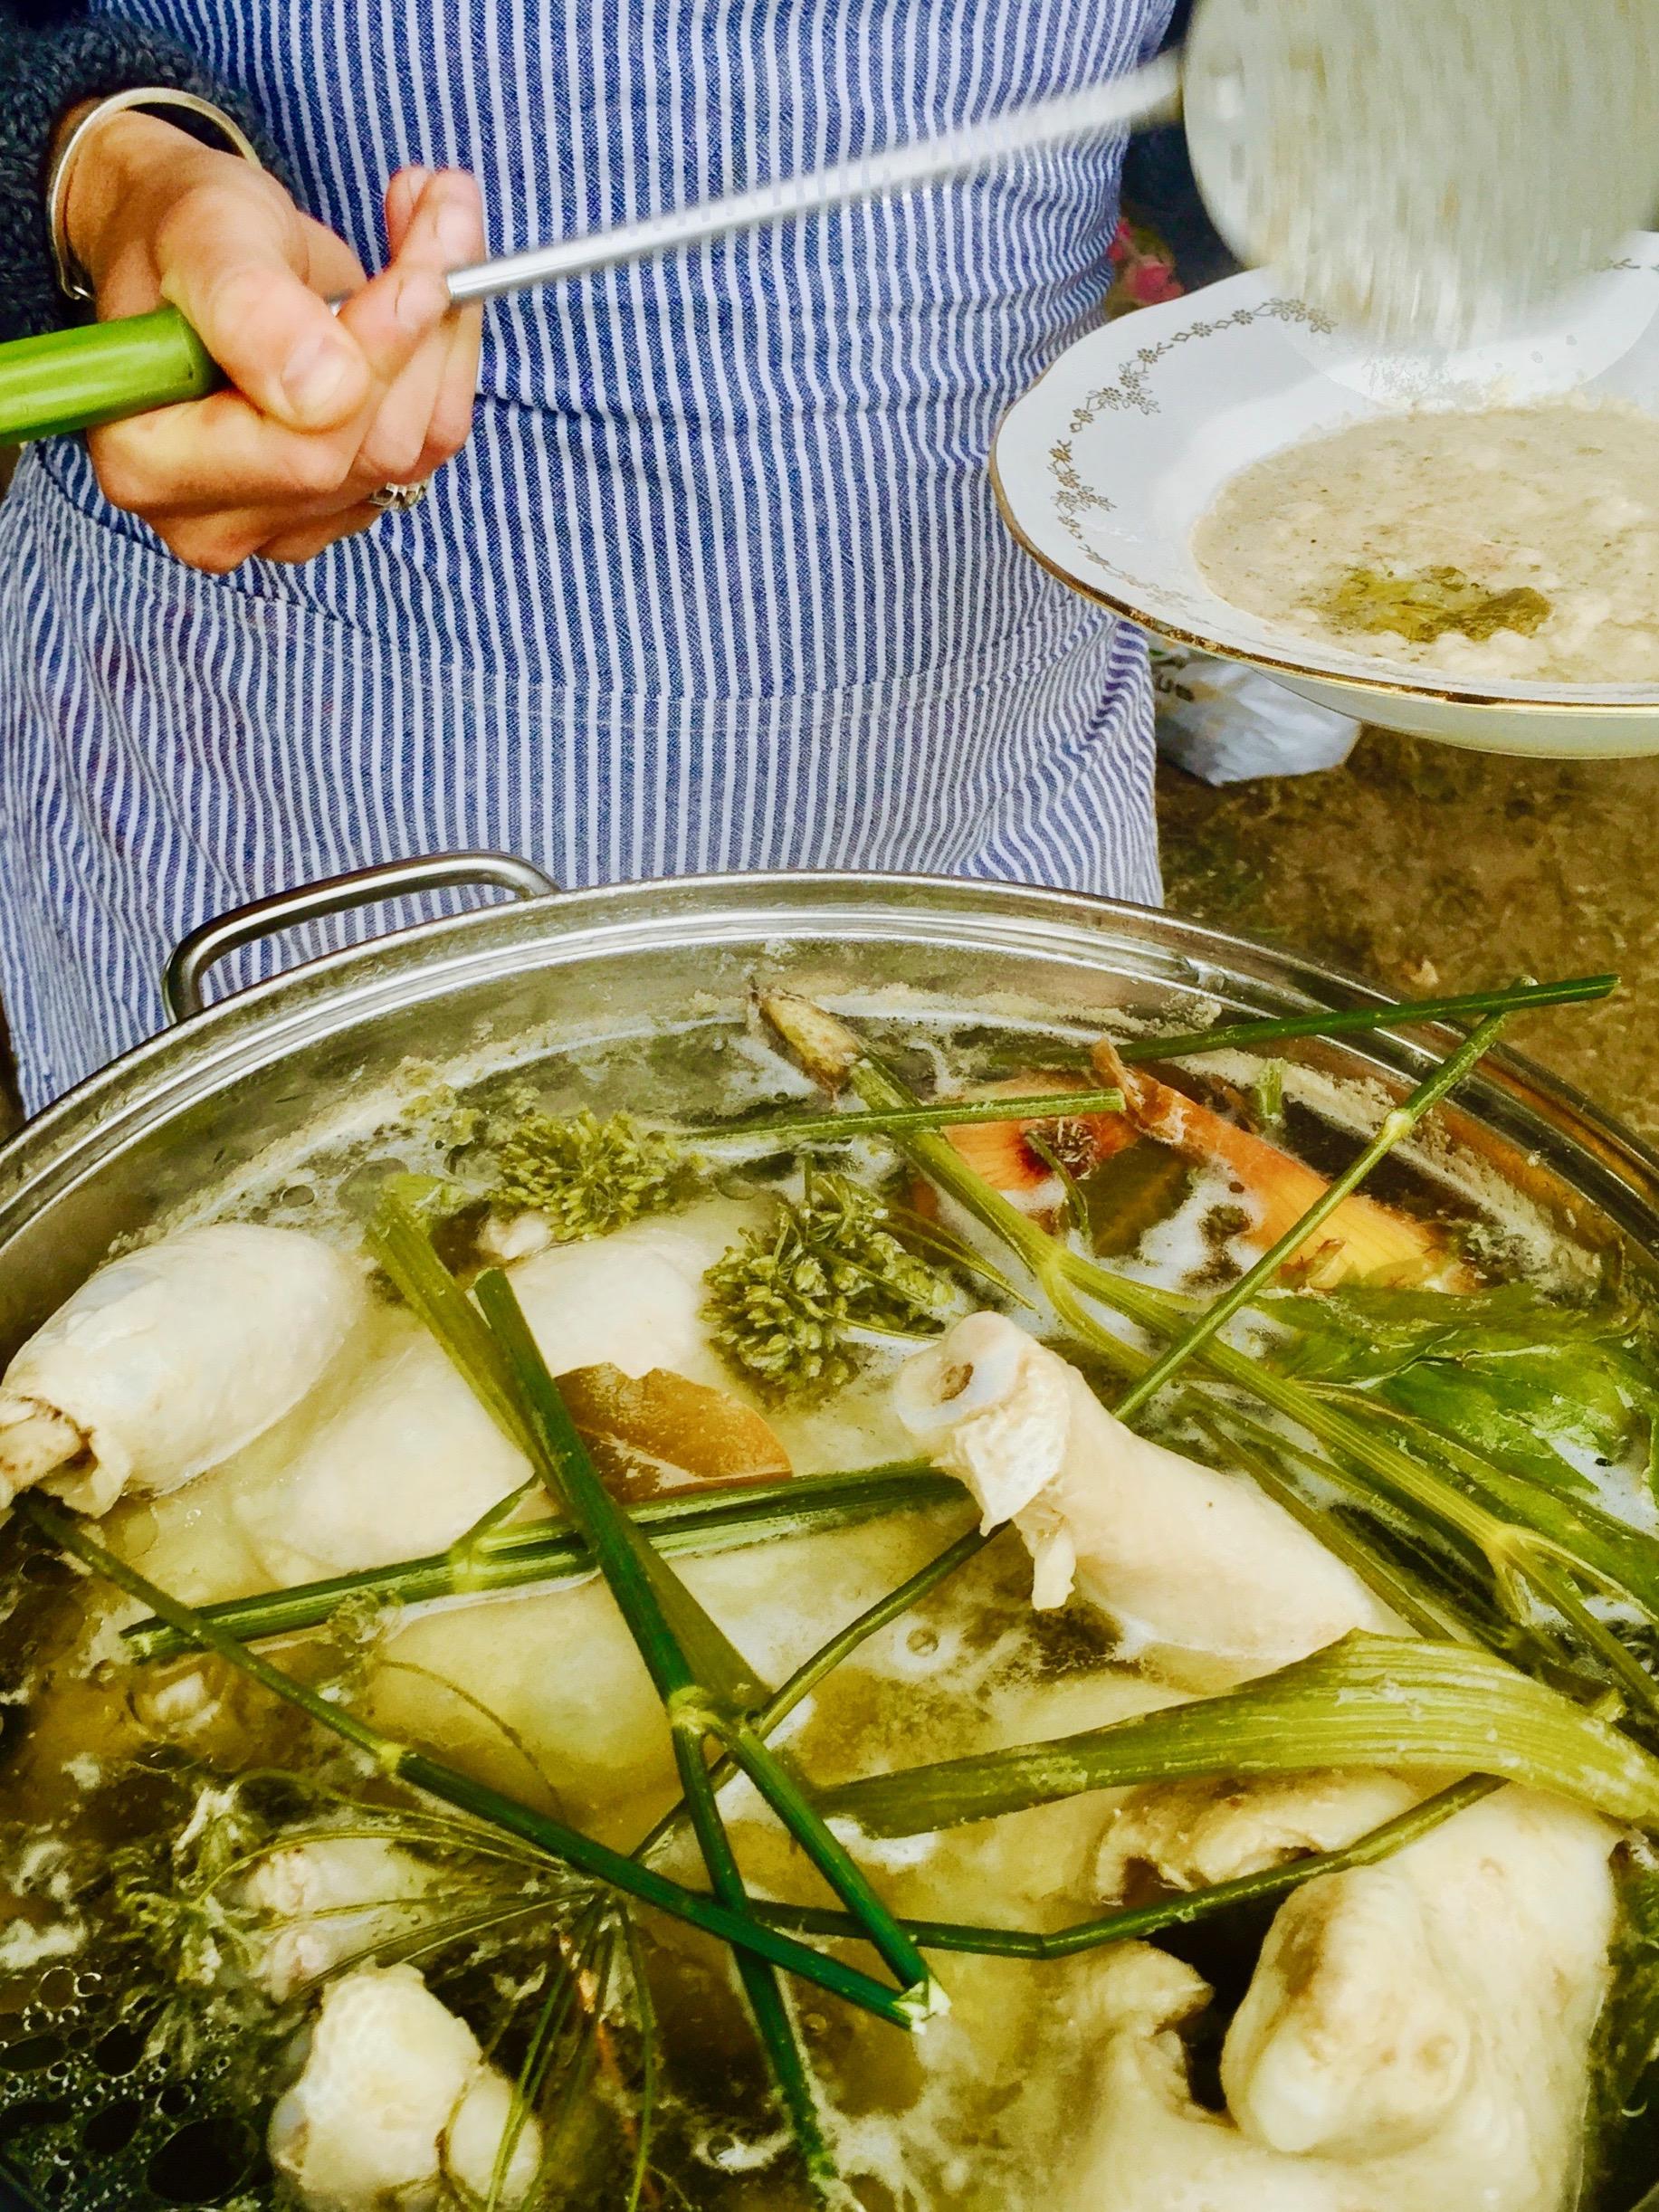 Fisk och lökfestival i Augusti